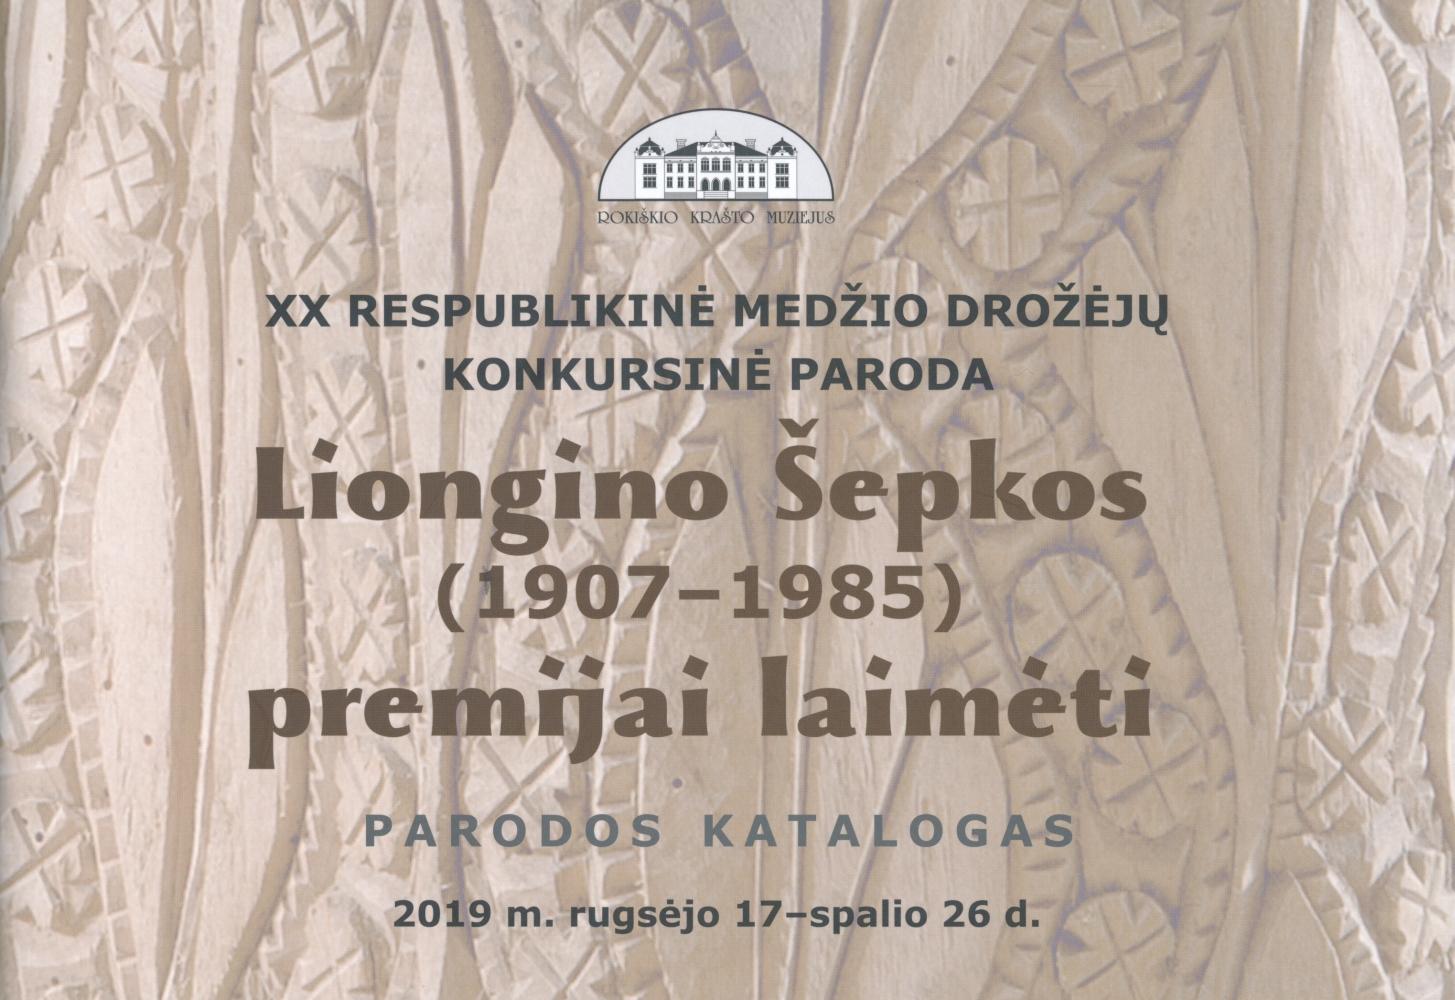 XX respublikinė medžio drožėjų konkursinė paroda Liongino Šepkos (1907–1985) premijai laimėti